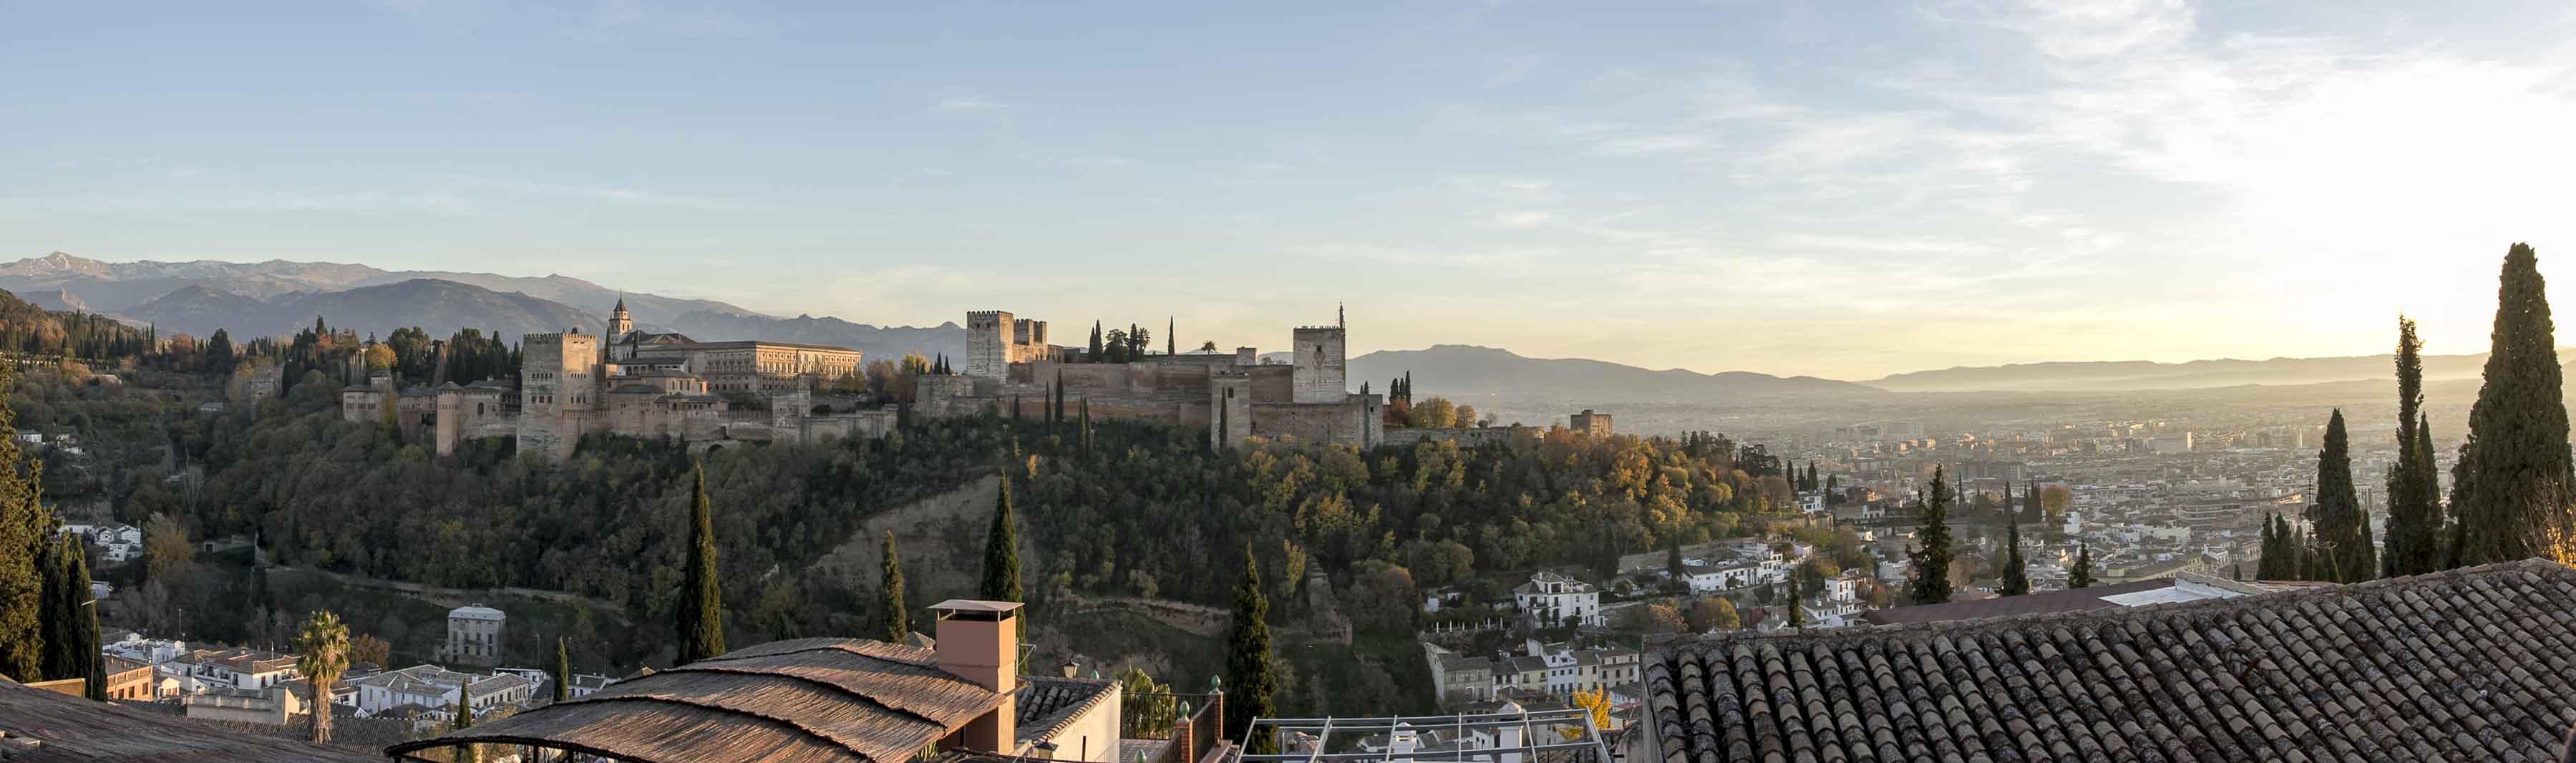 Granada toledo 2015_218